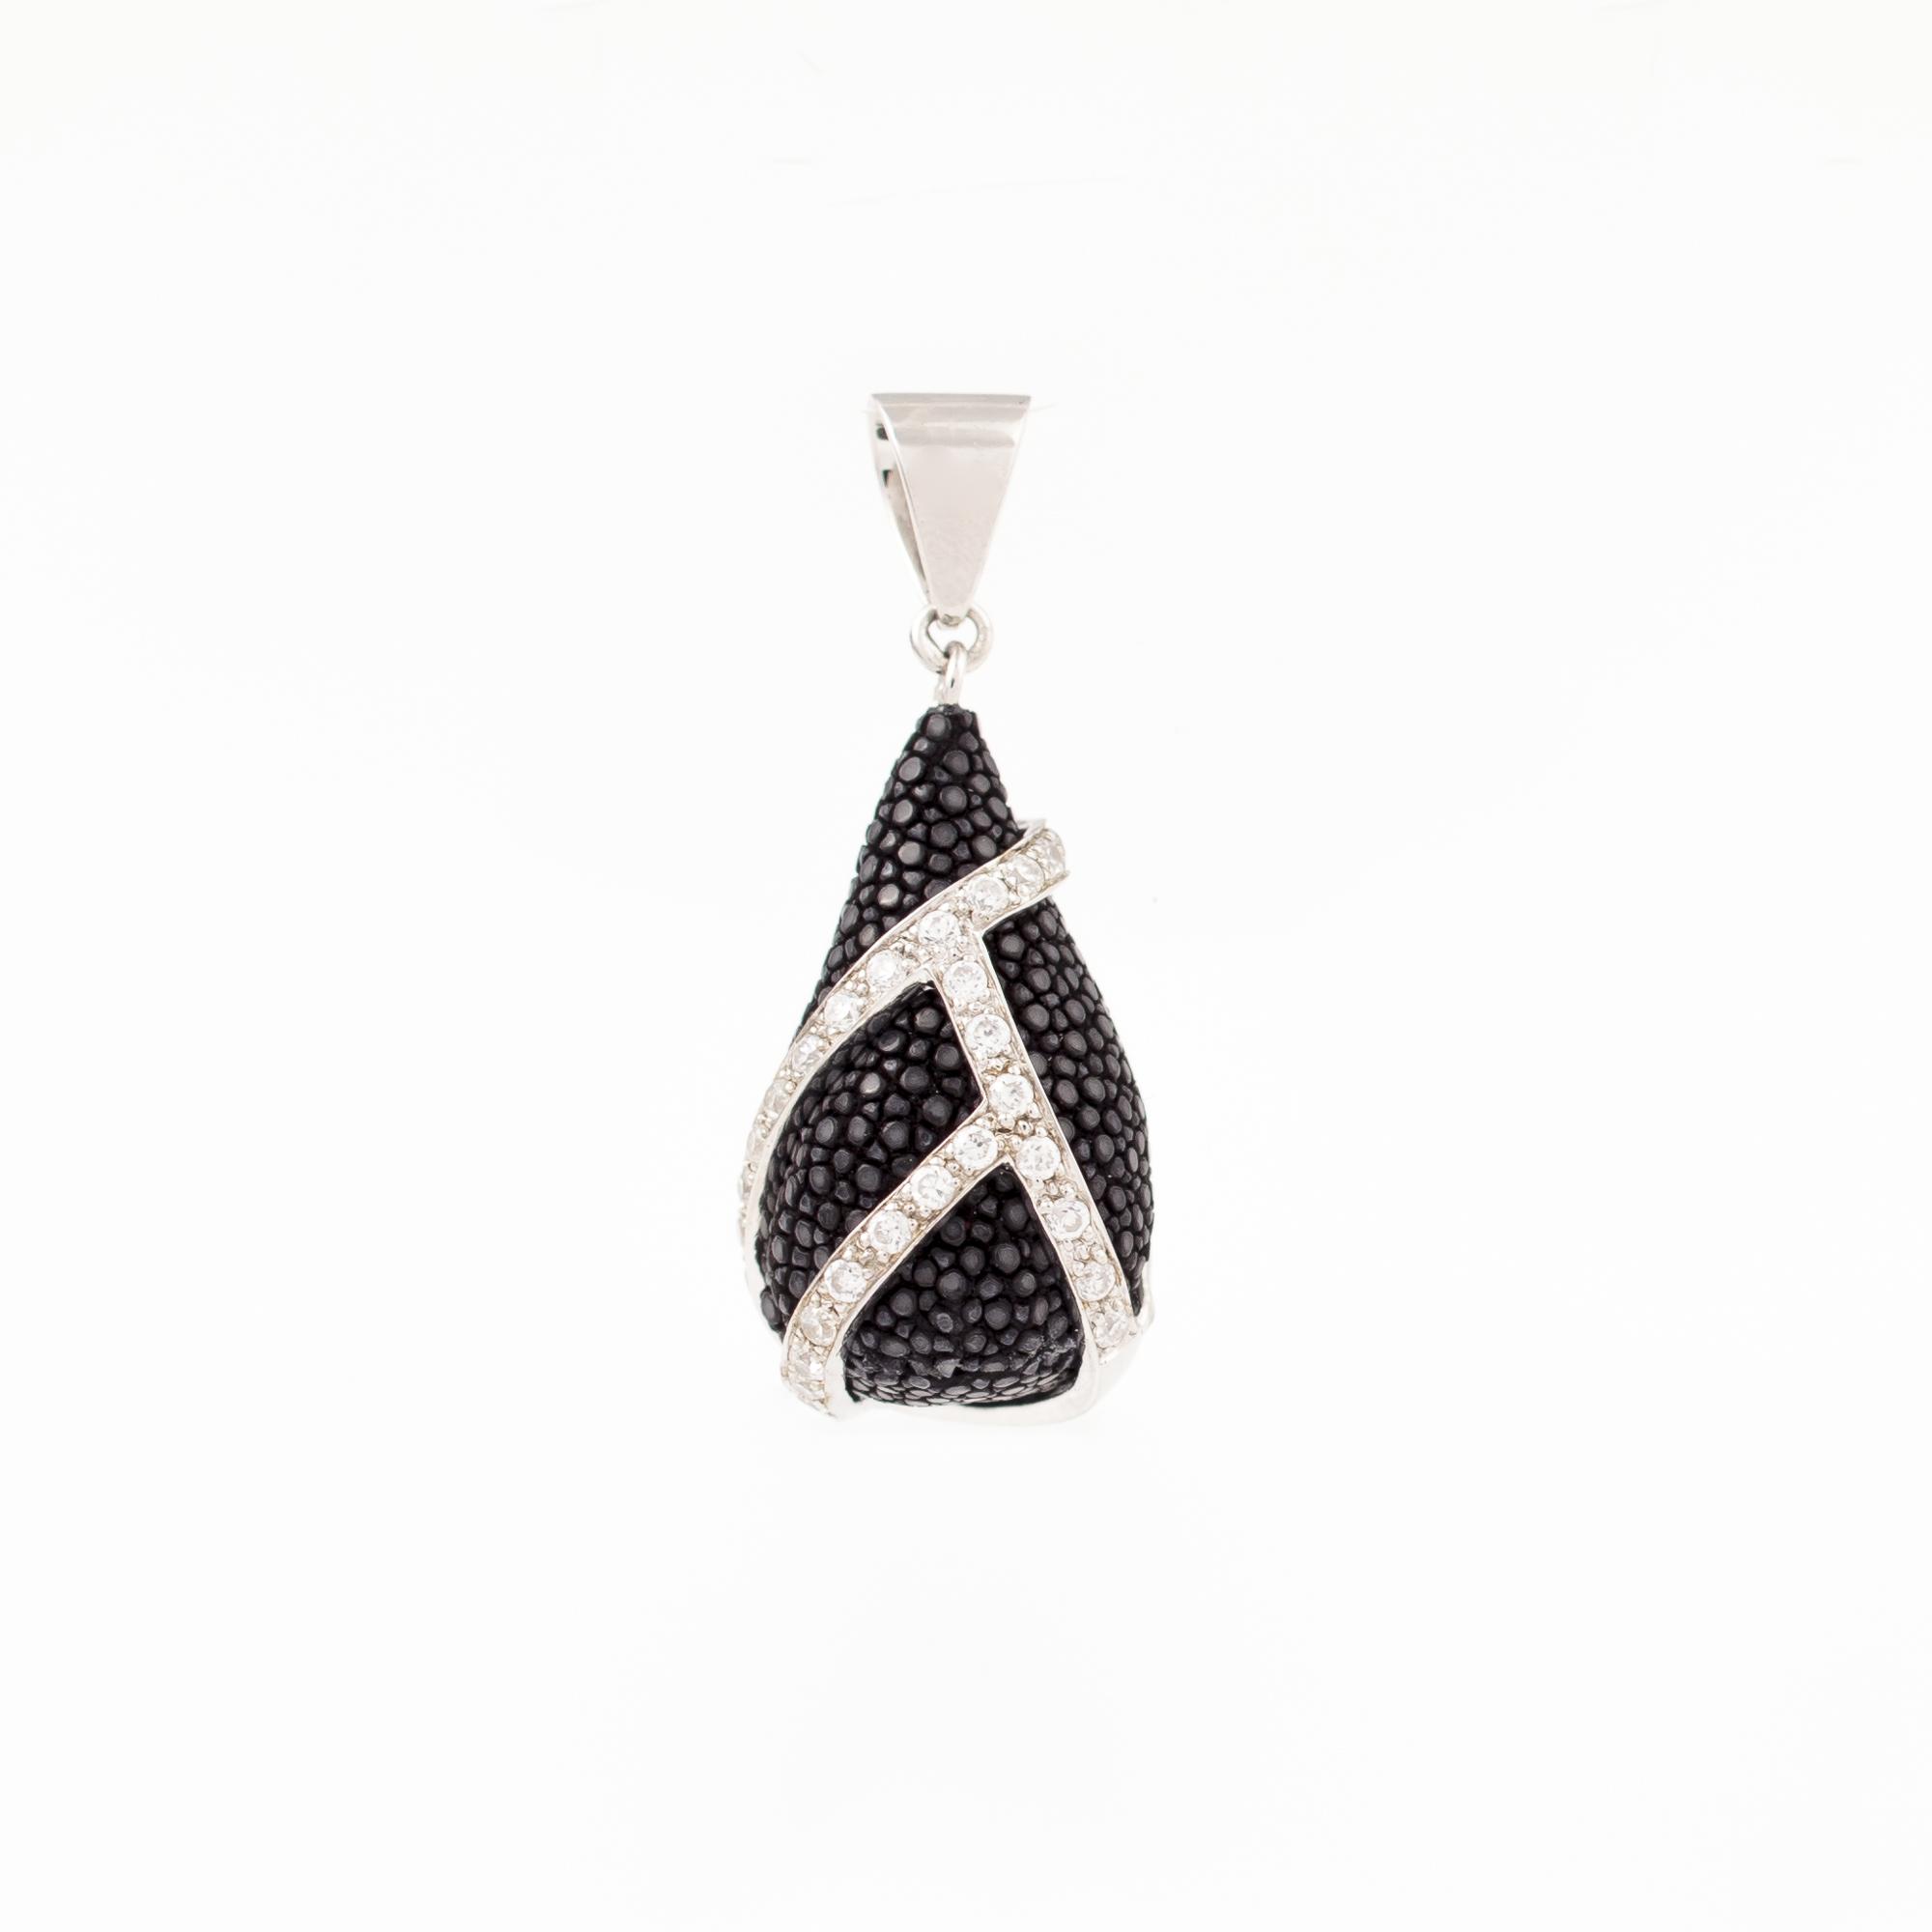 tresor-by-flore-galuchat-pendentif-etreinte-noir